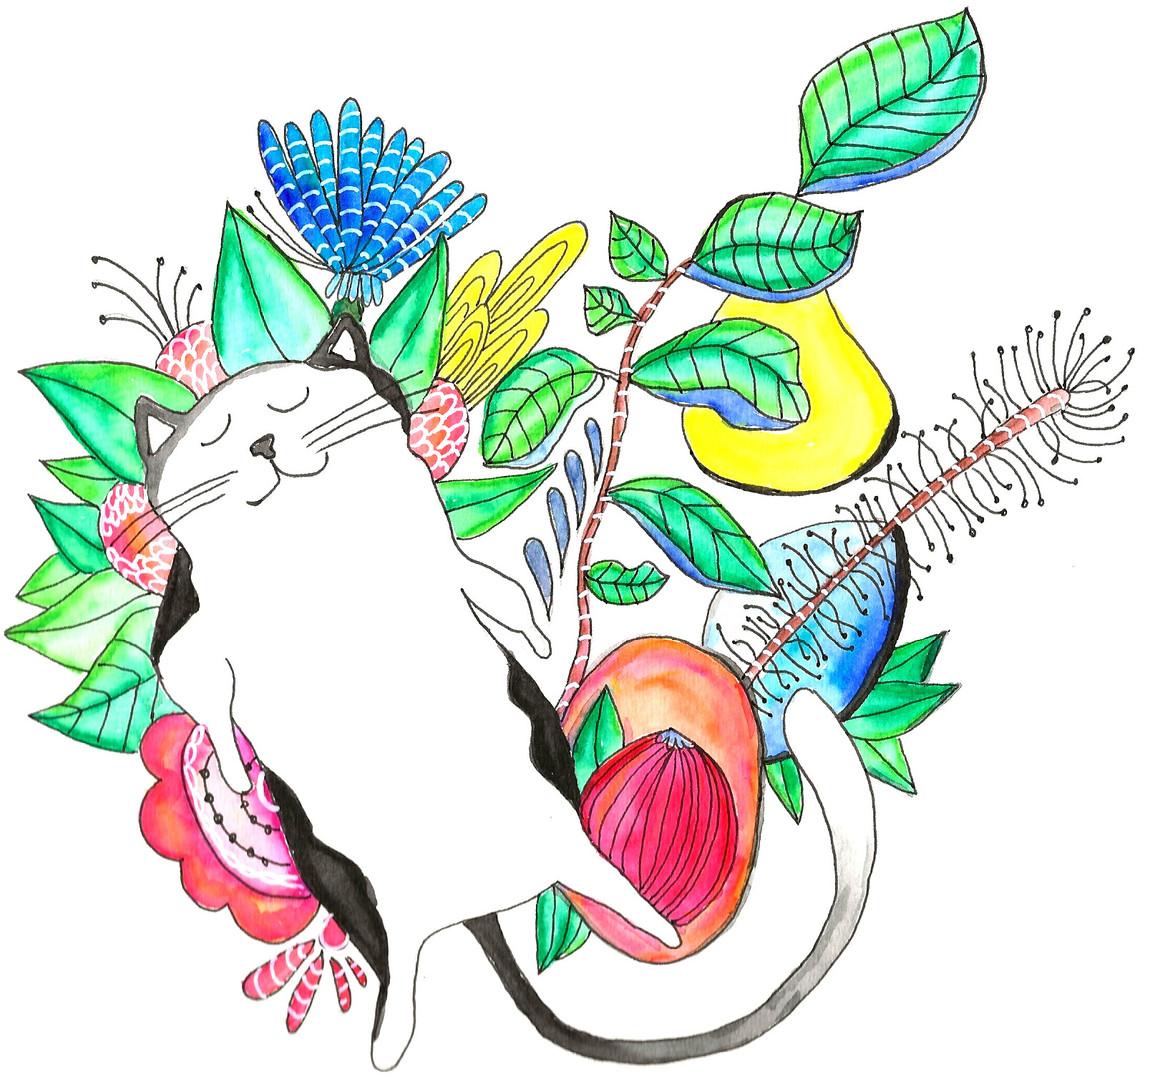 Happy Cat by Jocelyn Fitzgerald